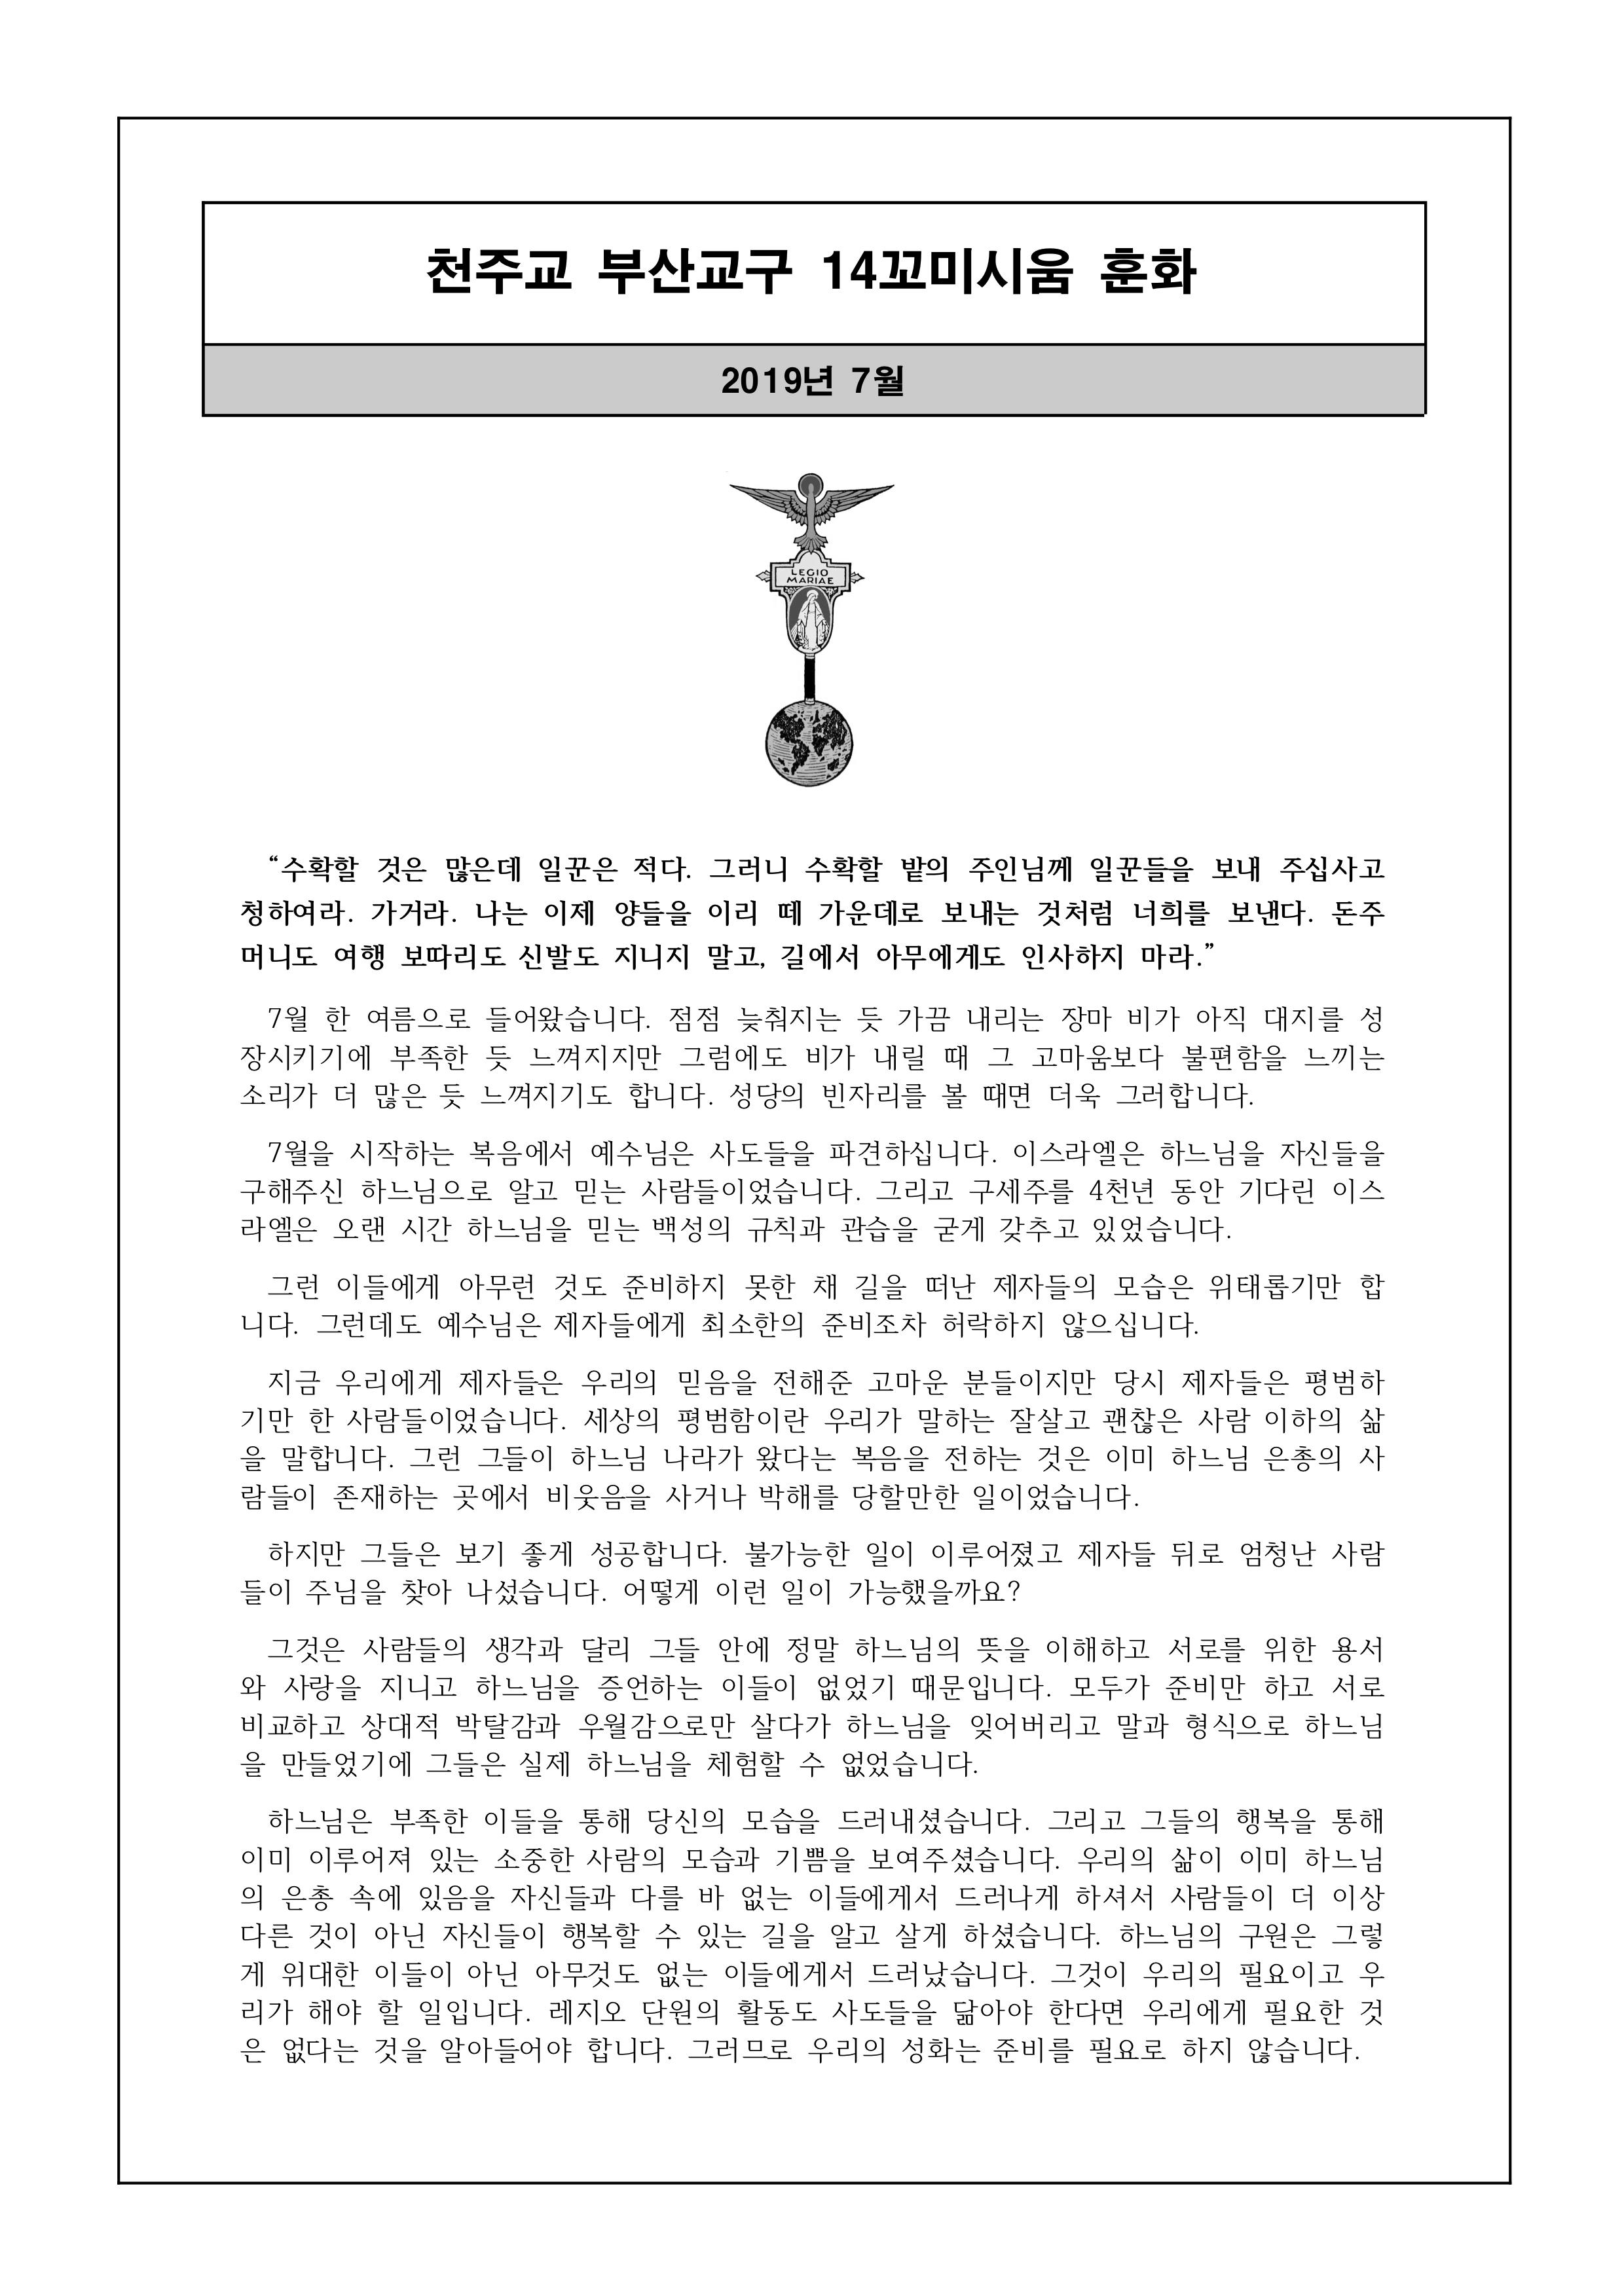 2019년 7월 꼬미시움 훈화.jpg